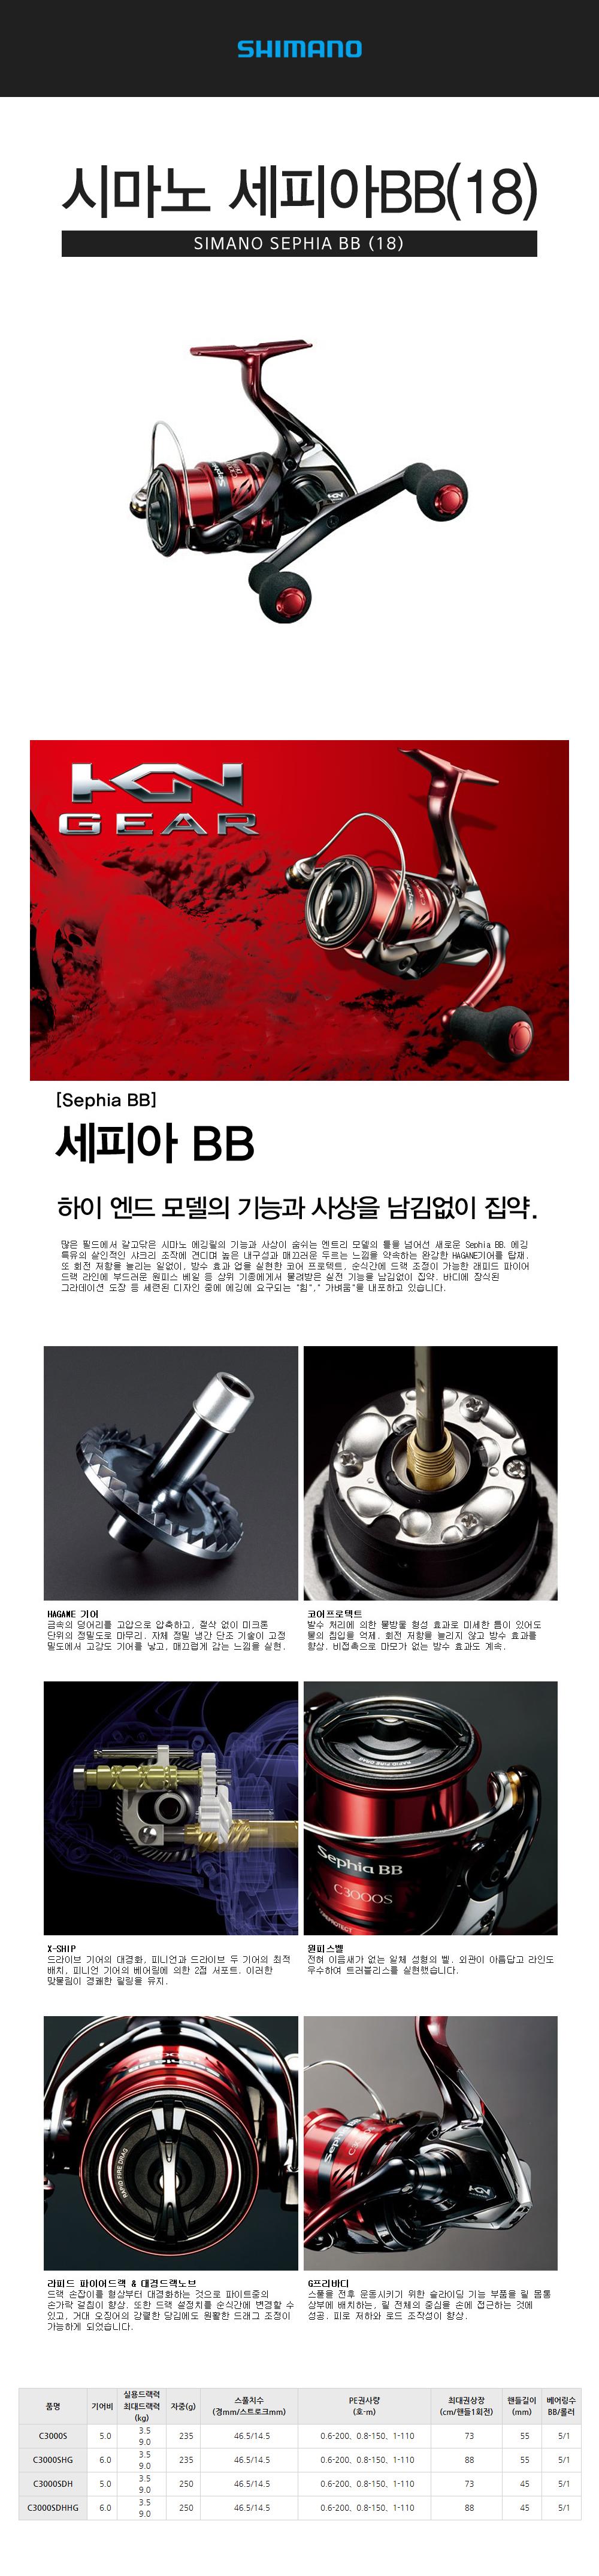 시마노 세피아 BB (18) 윤성정품 에깅릴 에깅 무늬오징어 에깅낚시 에깅루어낚시 무늬오징어낚시